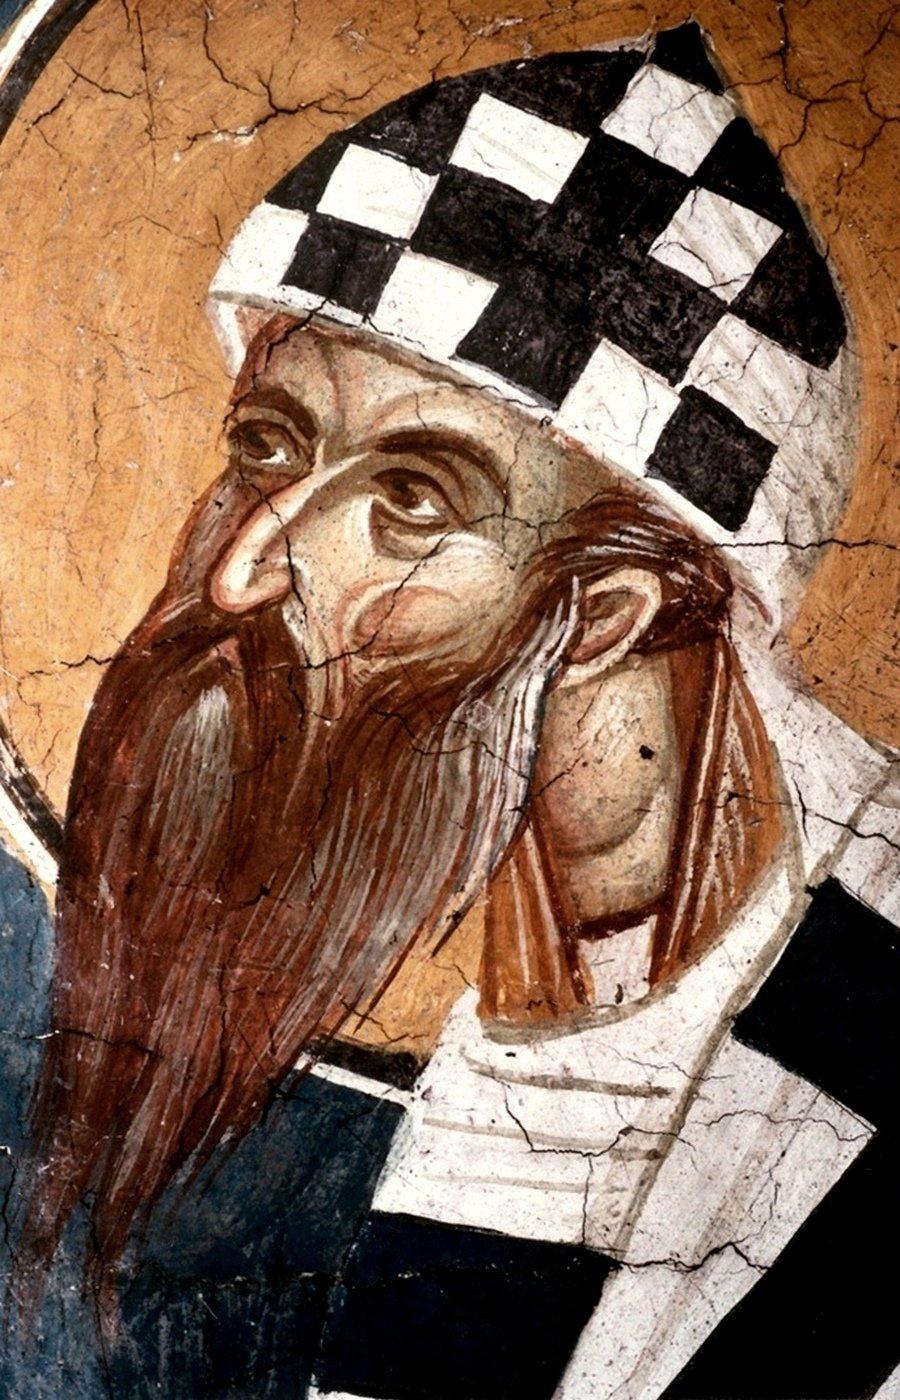 Святитель Кирилл, Архиепископ Александрийский. Фреска монастыря Высокие Дечаны, Косово и Метохия, Сербия. До 1350 года.